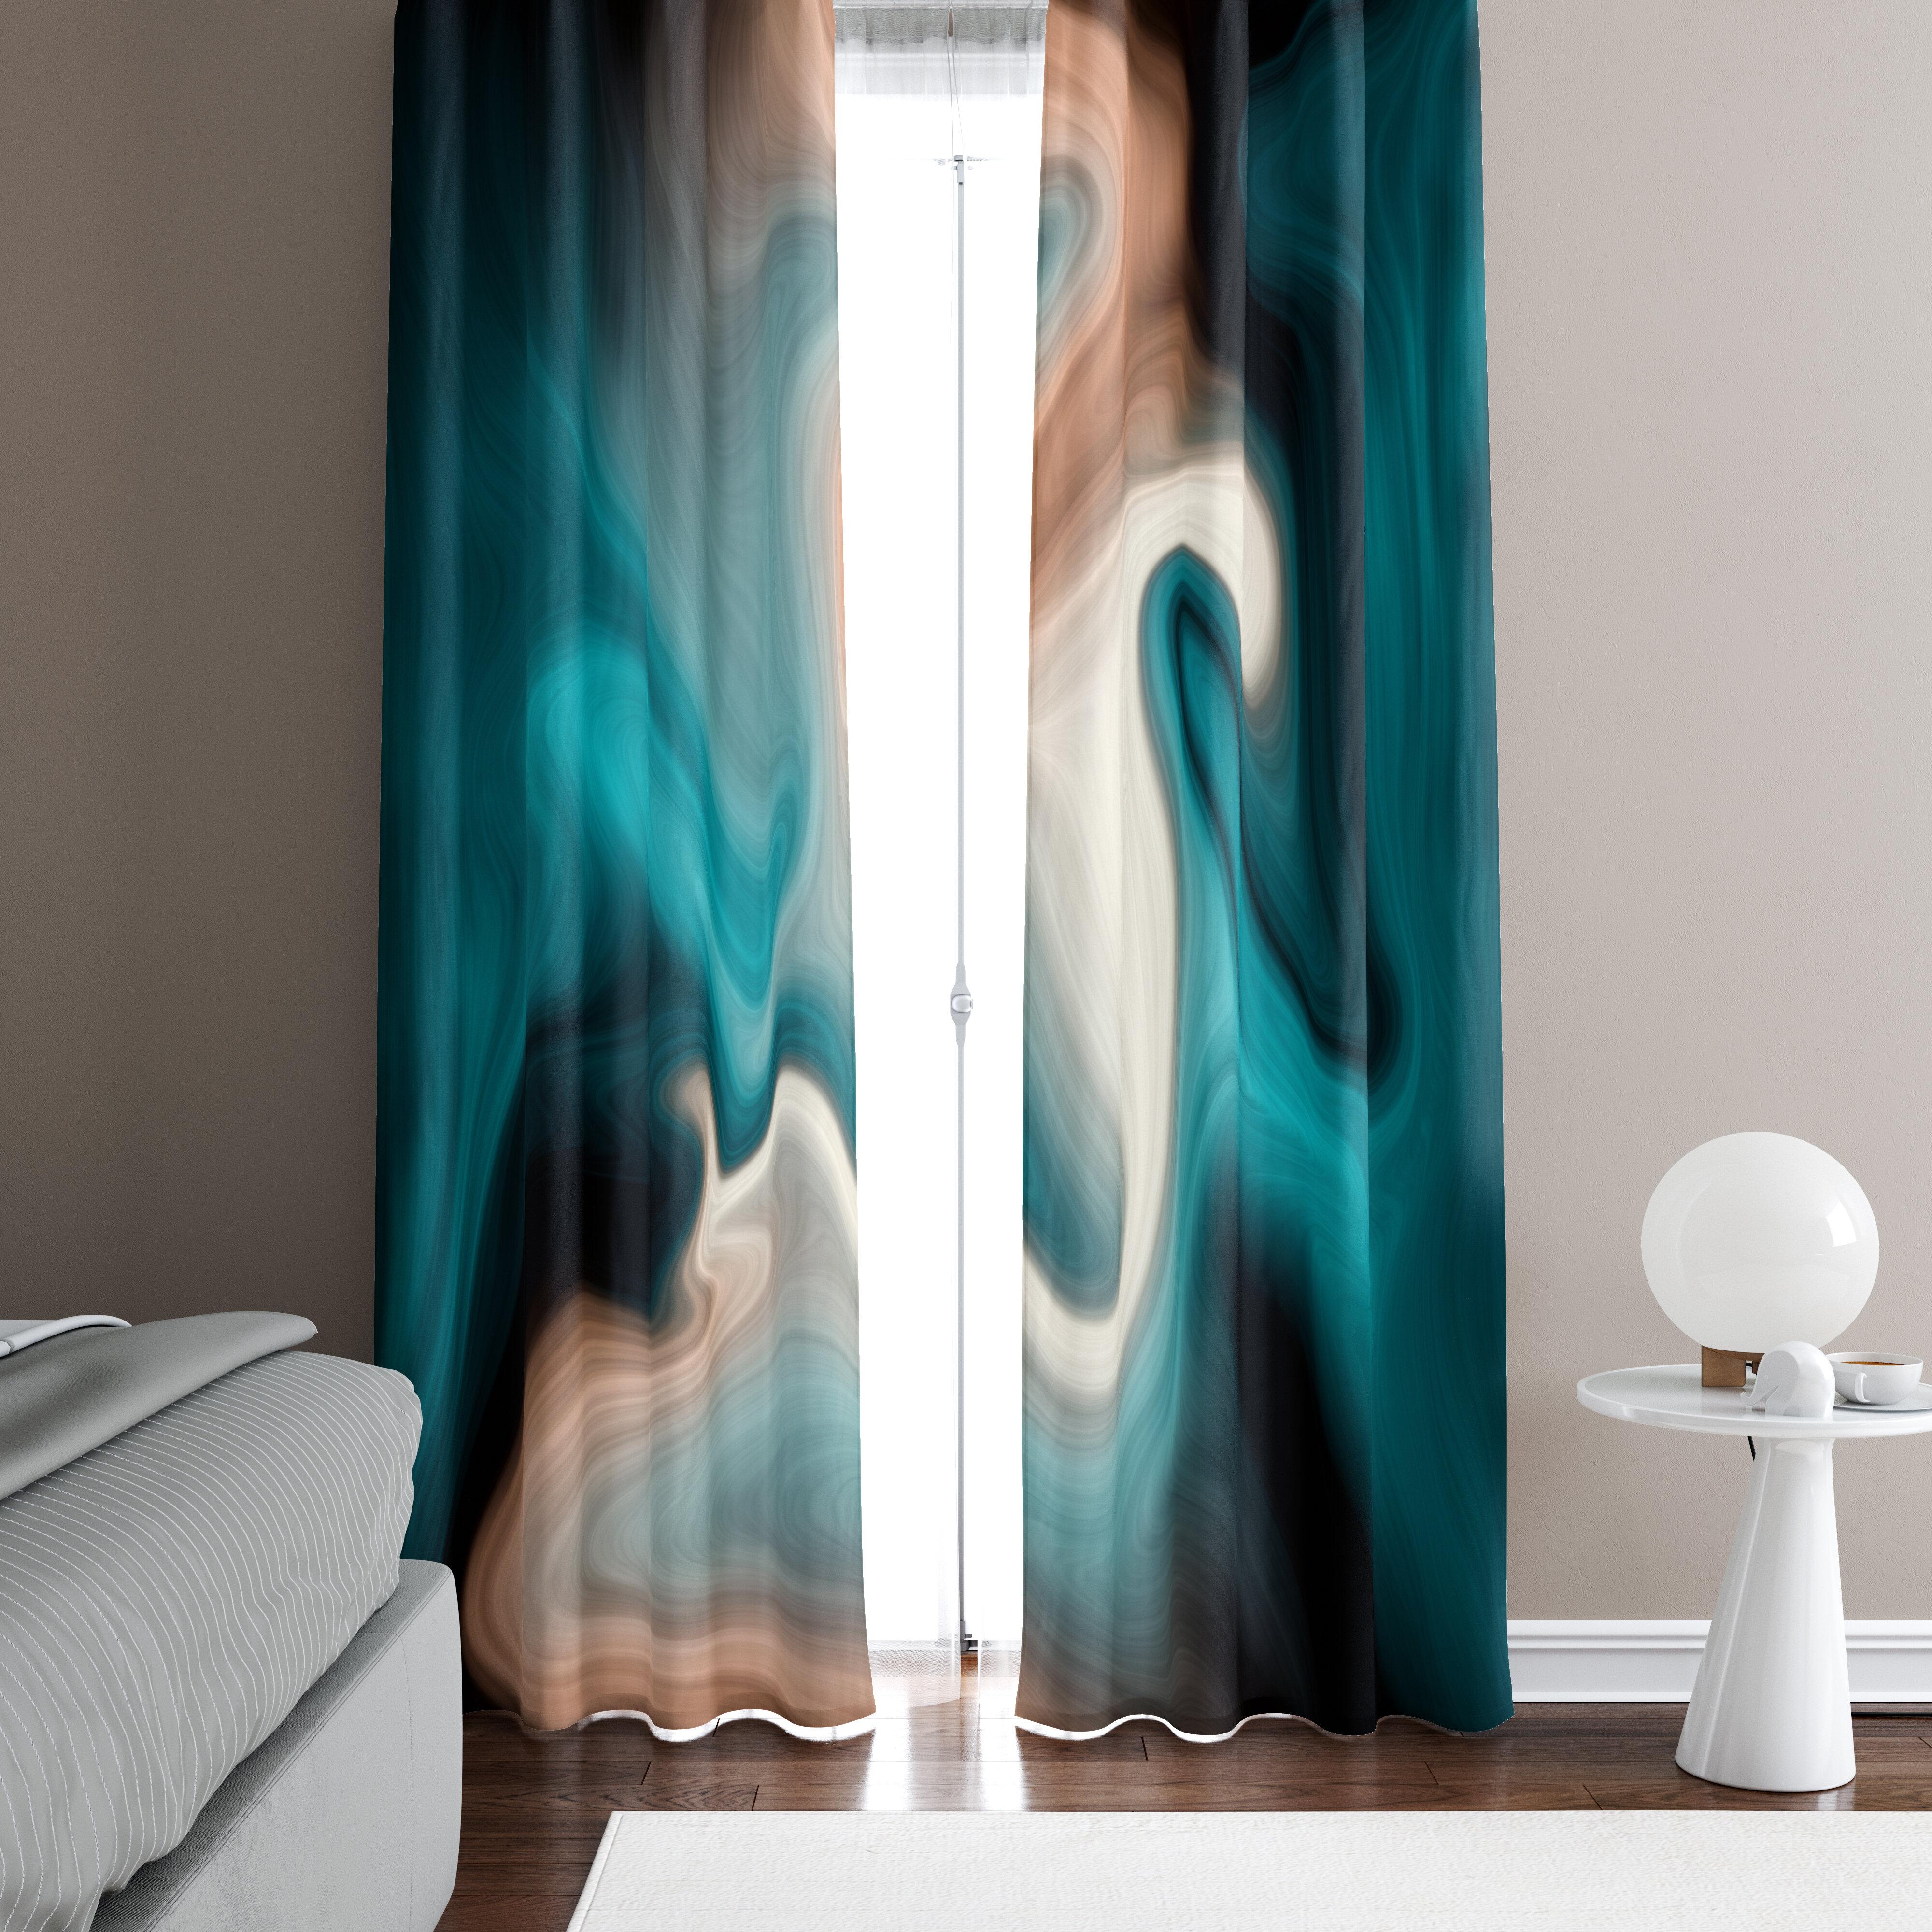 Deja Blue Studios Abstract Semi Sheer Curtain Panels Wayfair